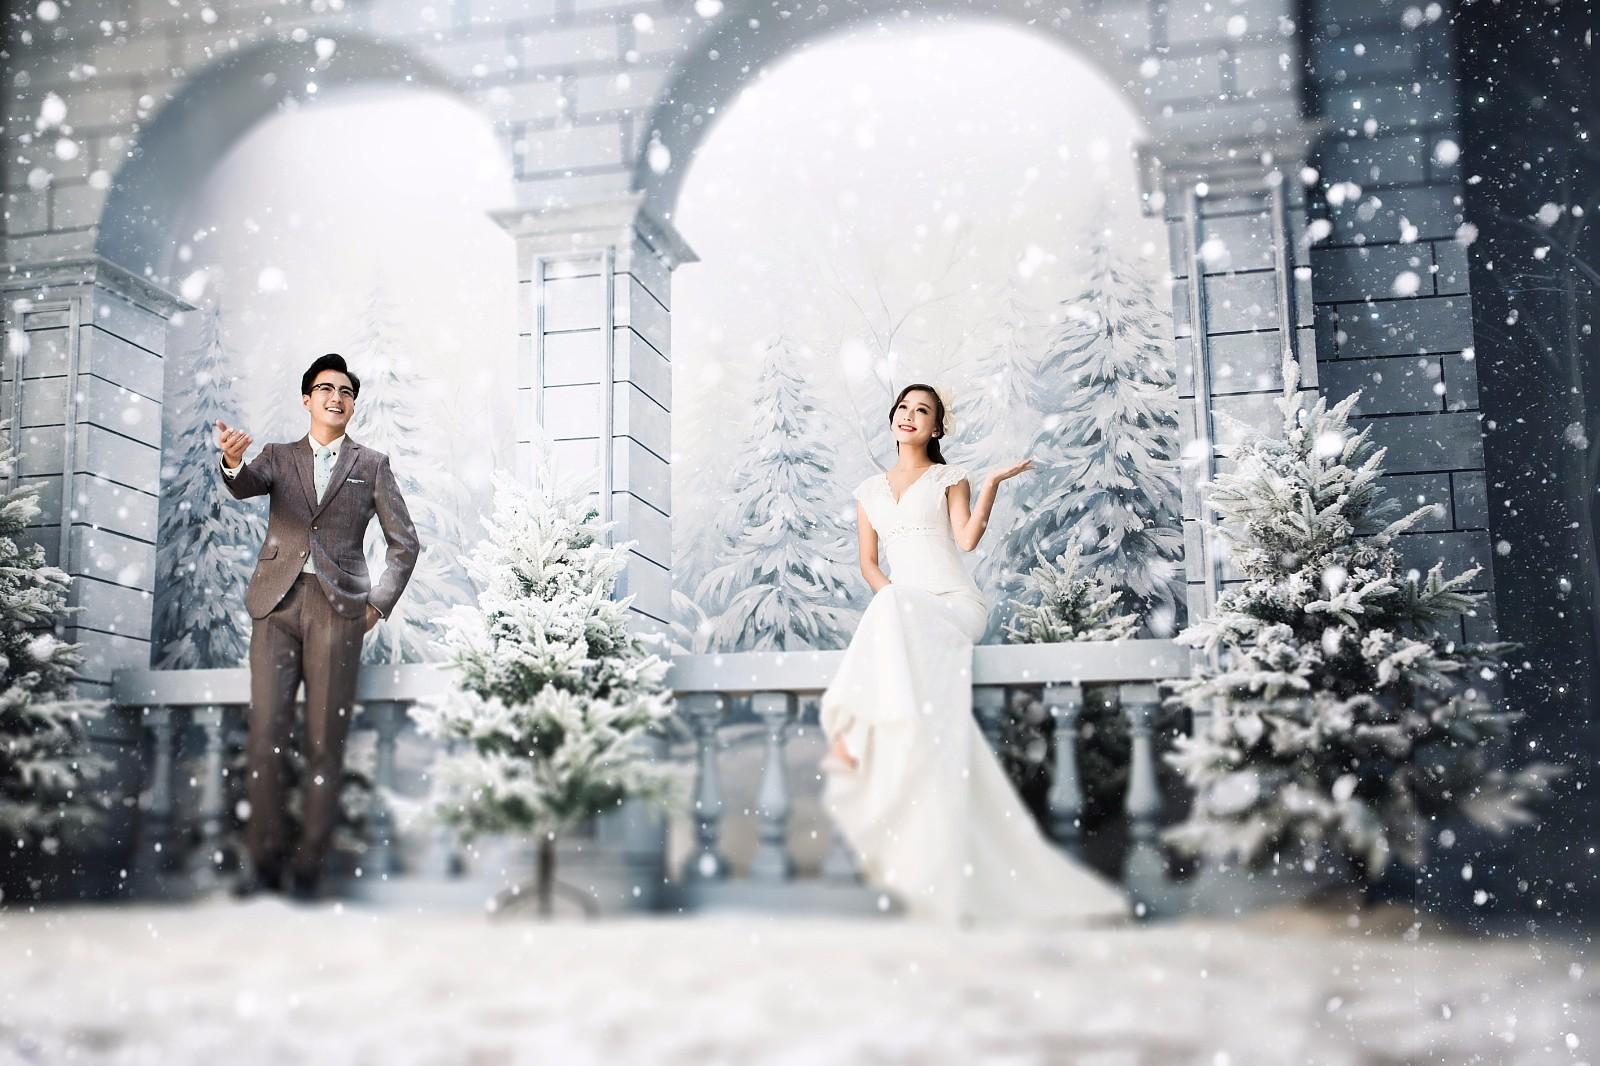 创意婚礼,我们如何来使它更有创意